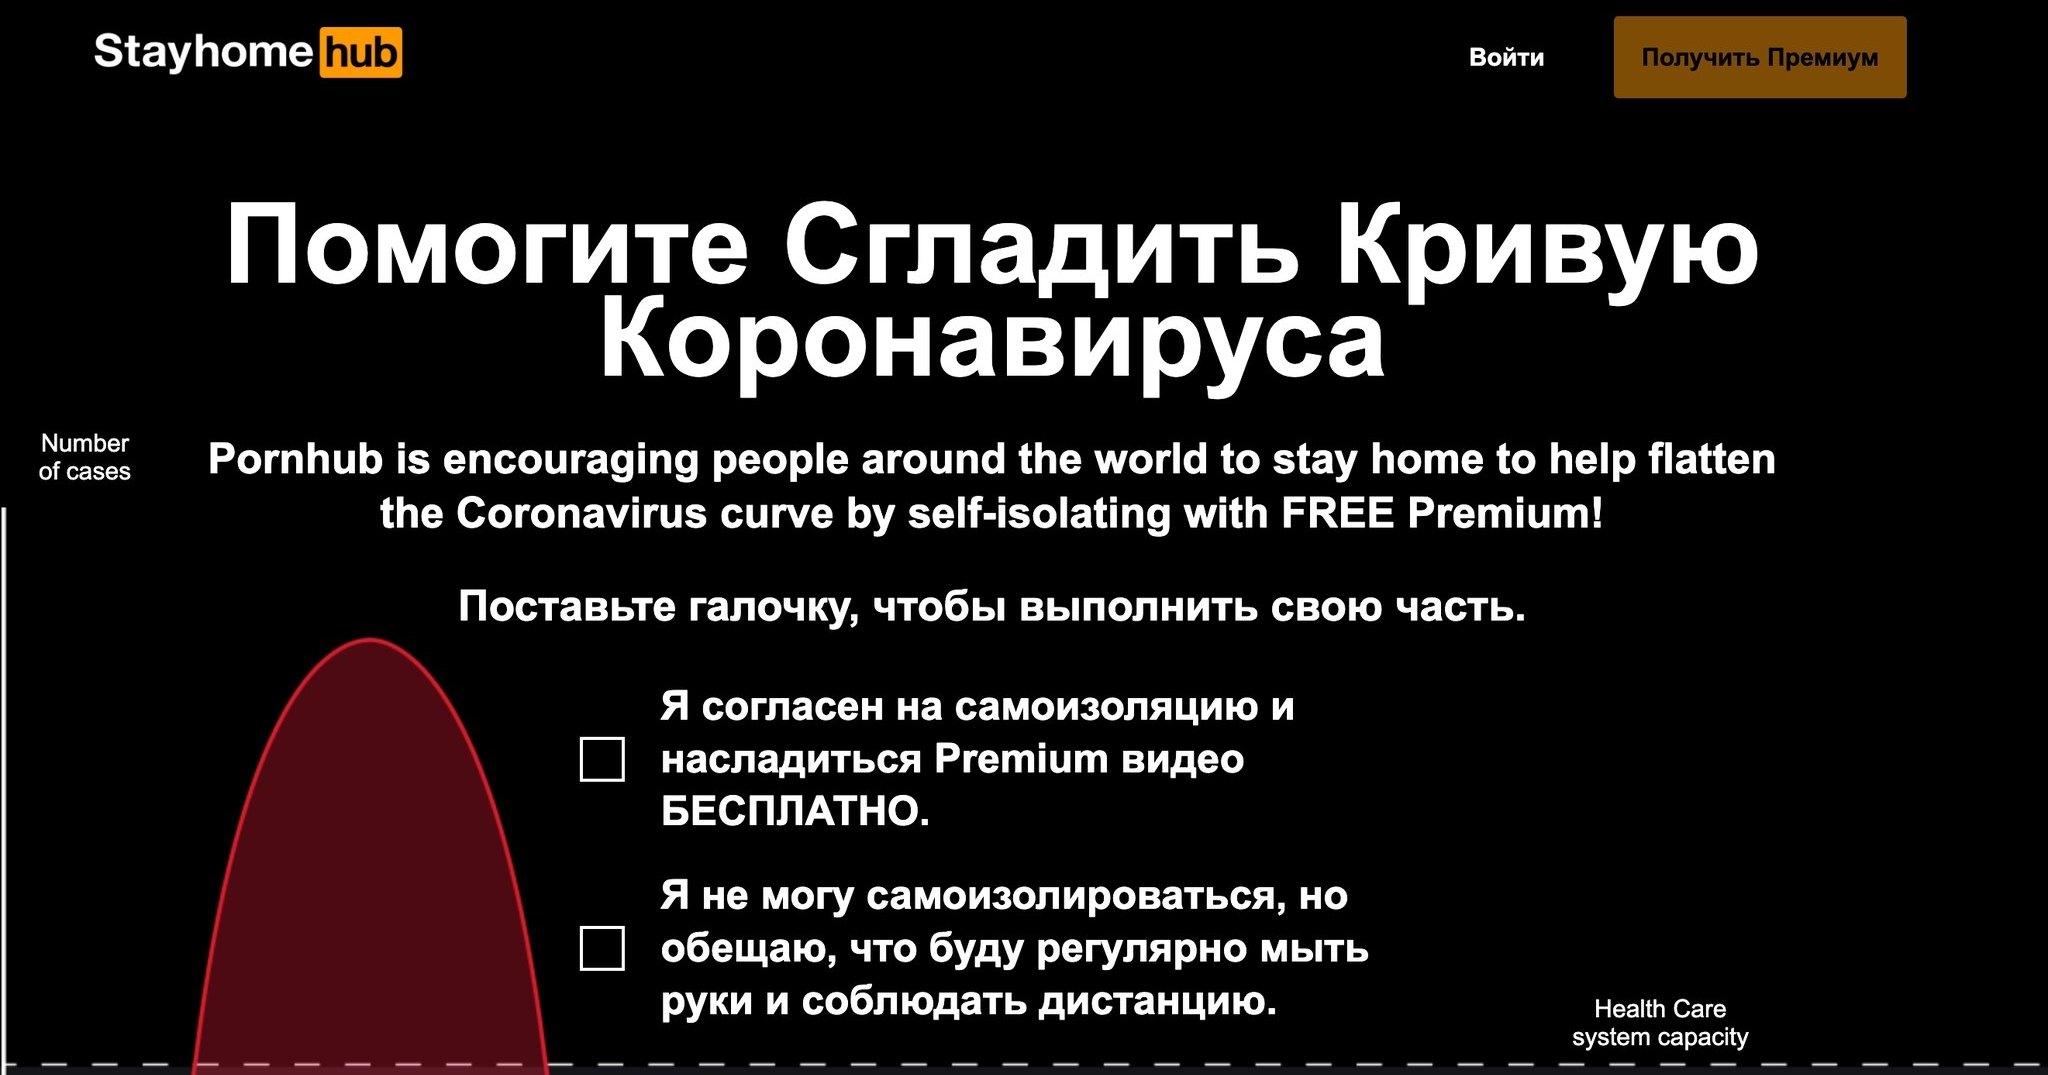 Изолированных граждан снабдят бесплатным премиум-порно